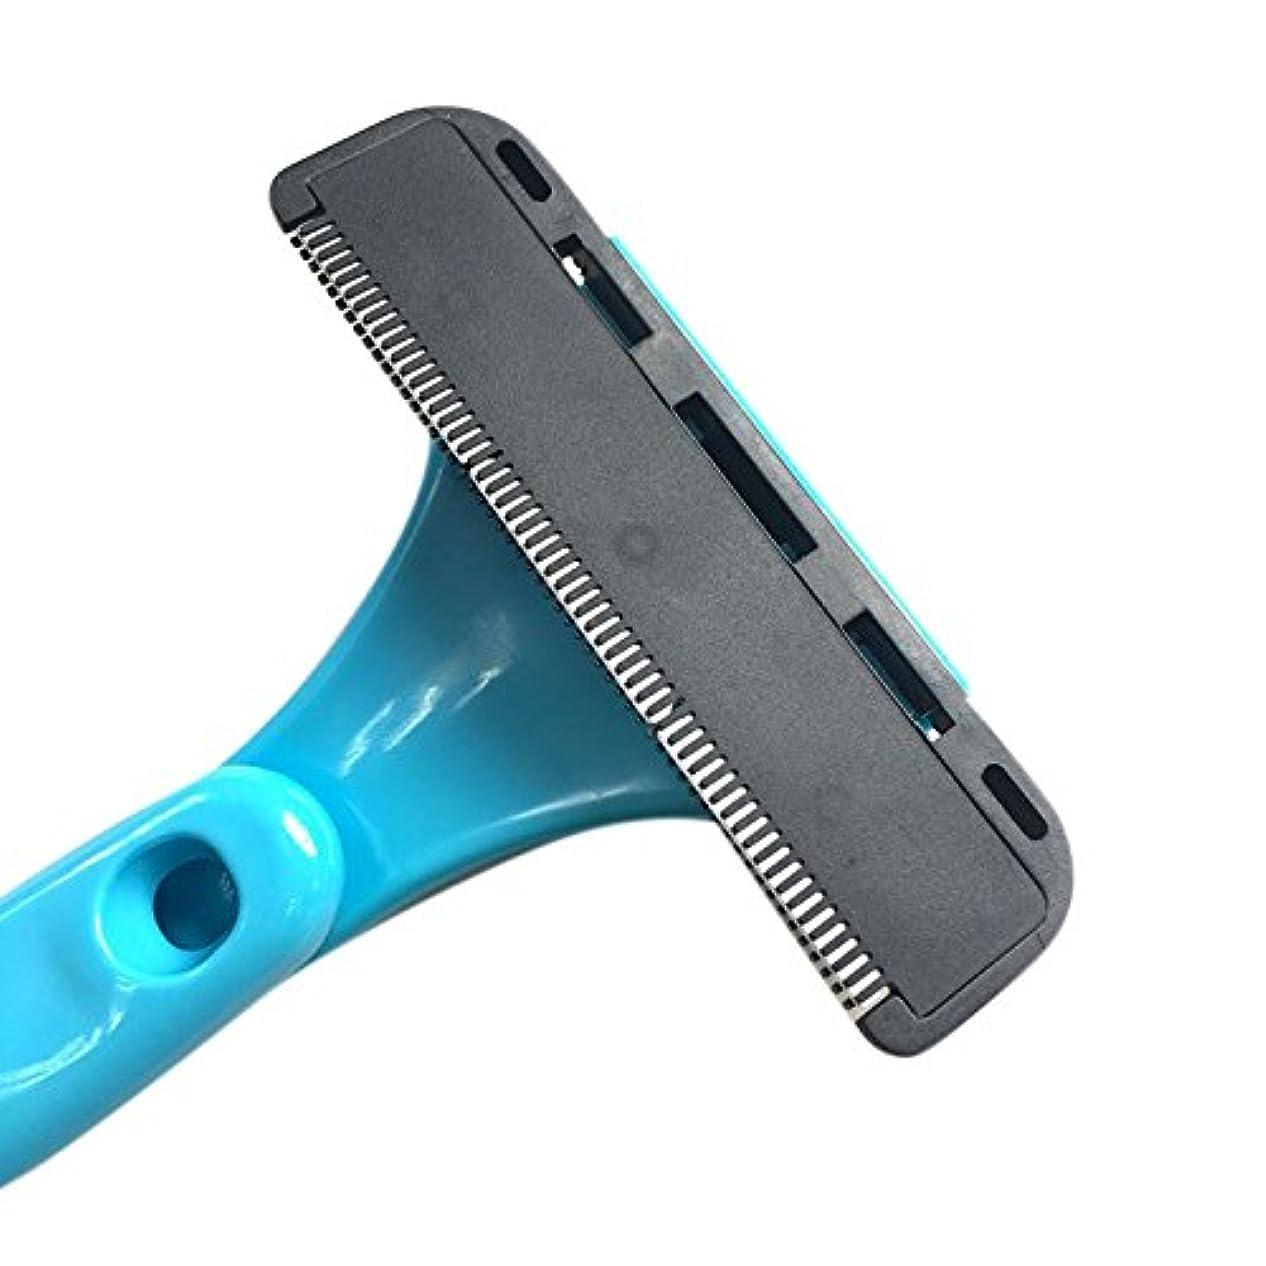 広いジャグリング散歩に行くLiebeye 折りたたみ式 脱毛装置 絶妙な 手動剃刀 シェービング ヘッド 切削ヘッド